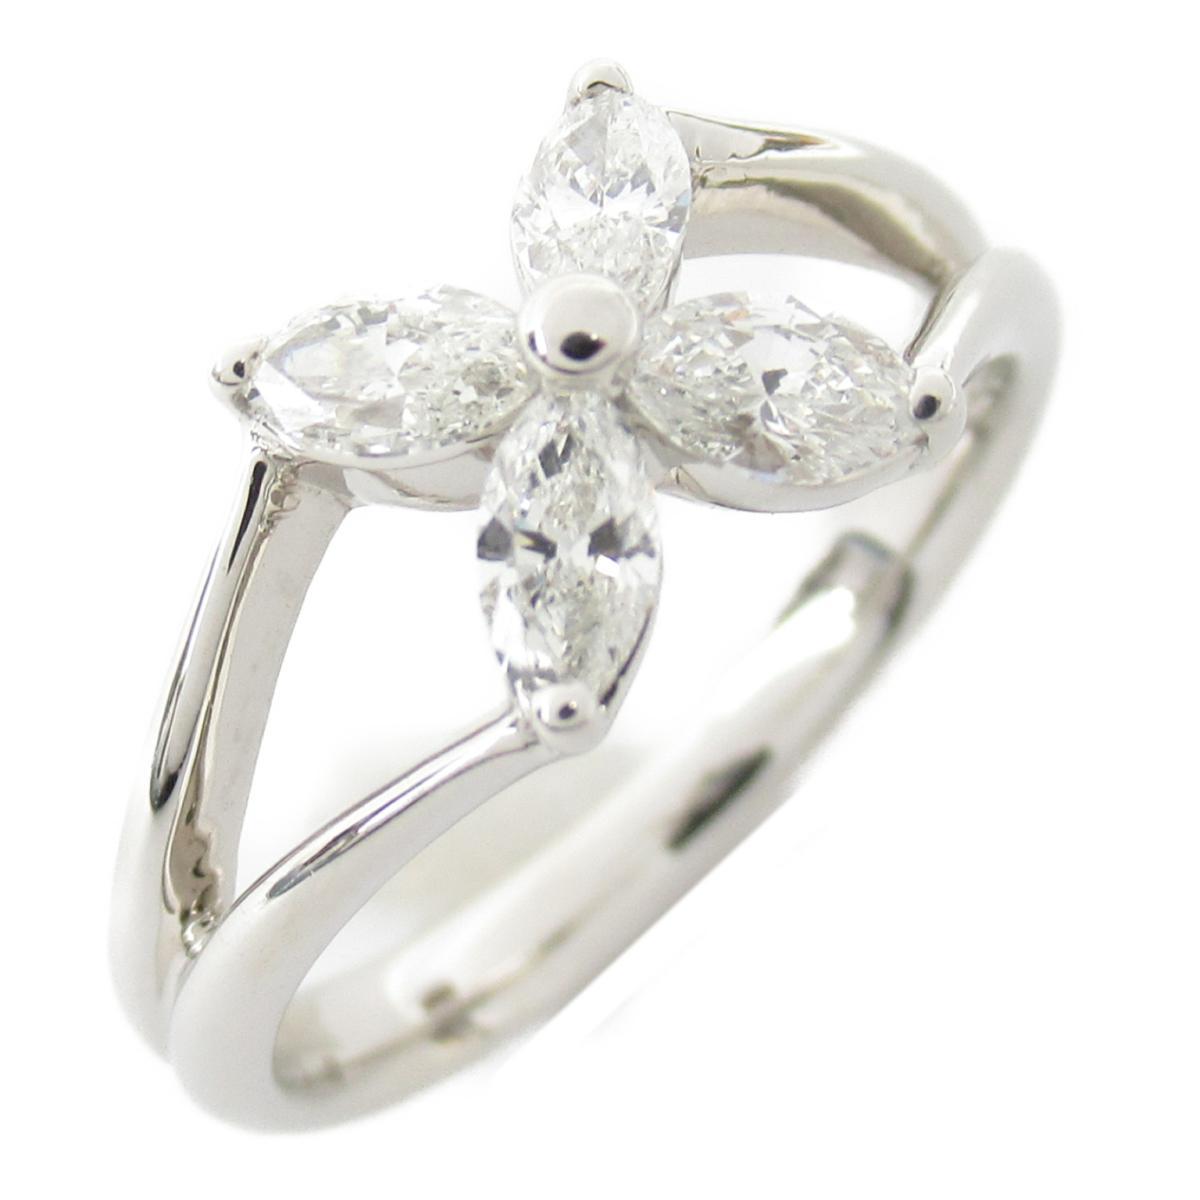 ジュエリー ダイヤモンド リング 指輪 ノーブランドジュエリー レディース PT900 プラチナ x ダイヤモンド0.52ct 【中古】   JEWELRY BRANDOFF ブランドオフ アクセサリー